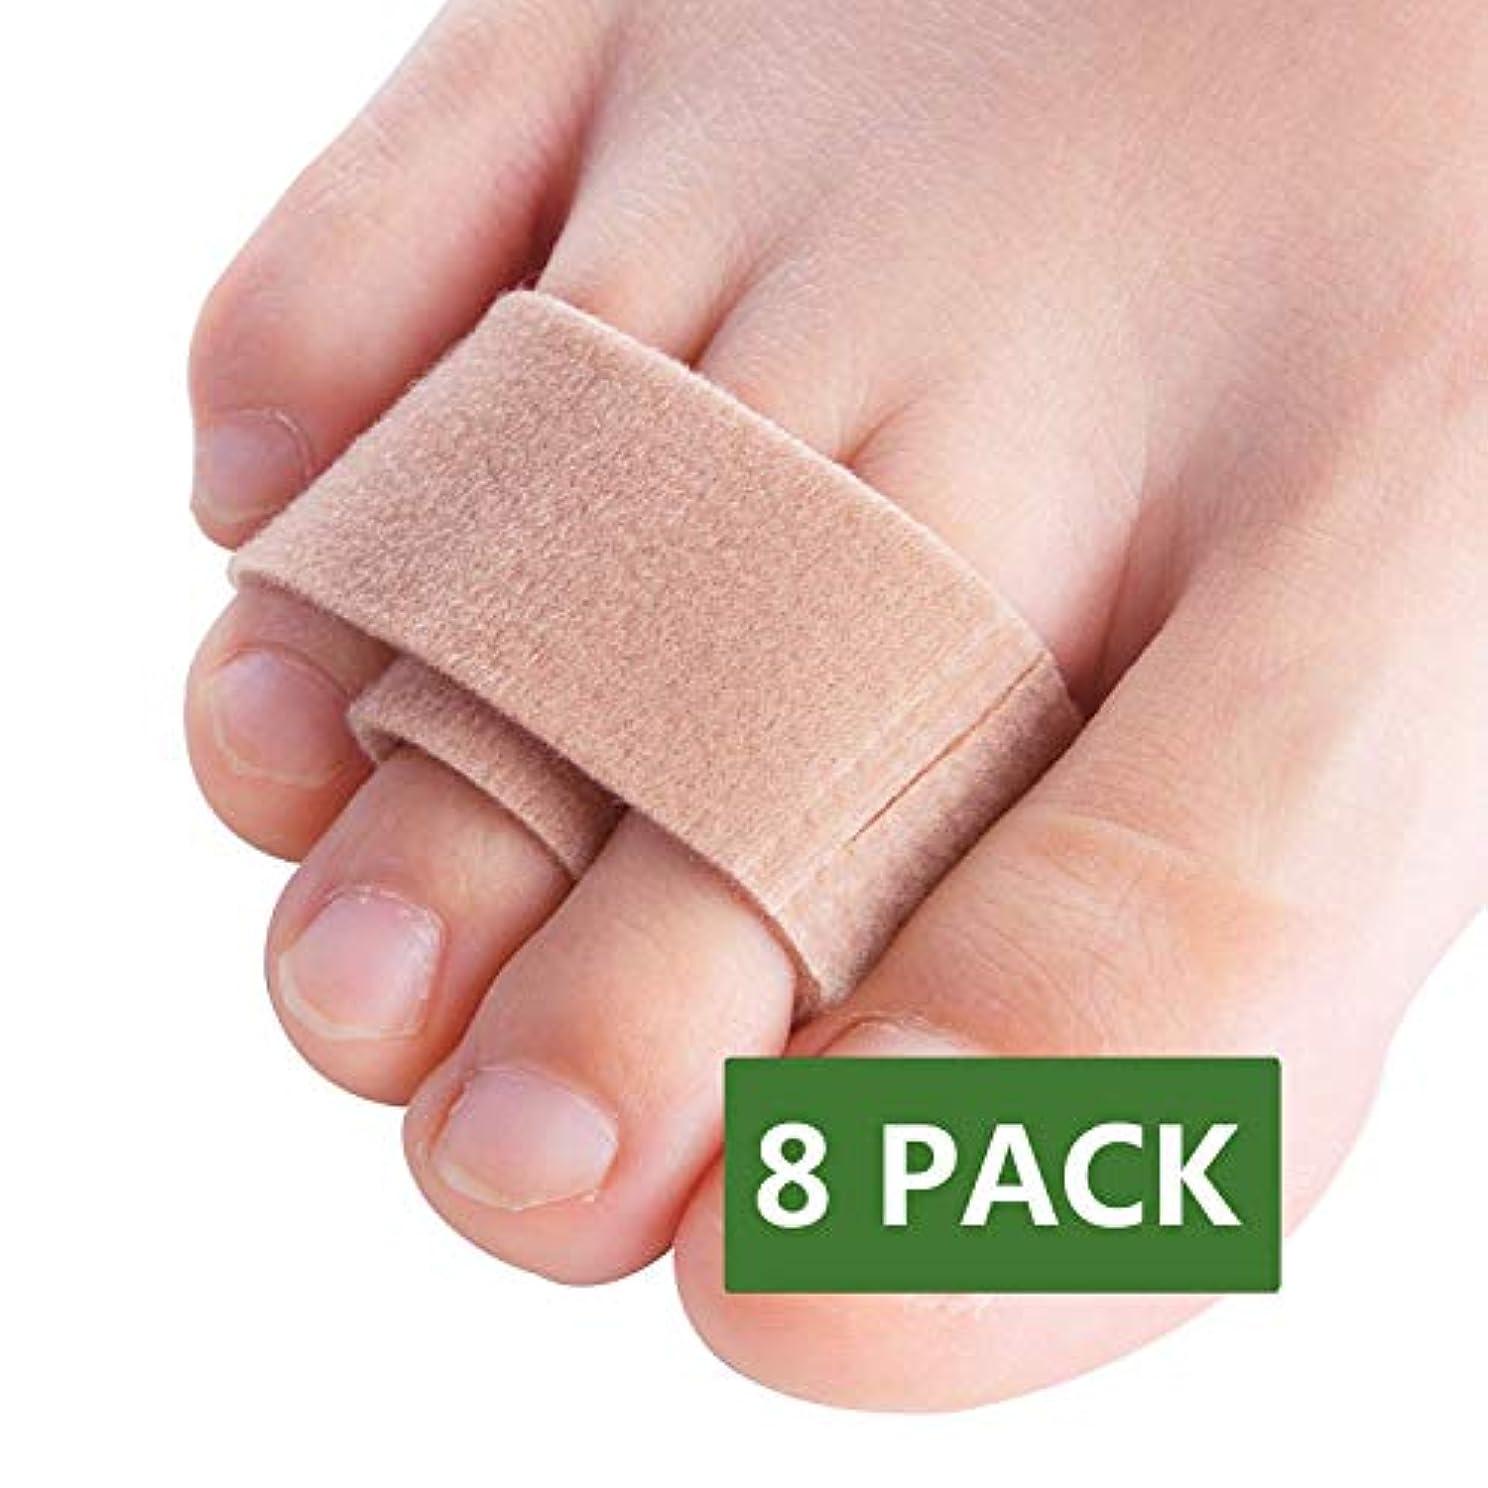 サーバ暴露アルバムPovihome ハンマーつま先矯正テープ、つま先がスプリントを包んでハンマーのつま先を再調整8パック、重ねた足の指と曲がった足の指